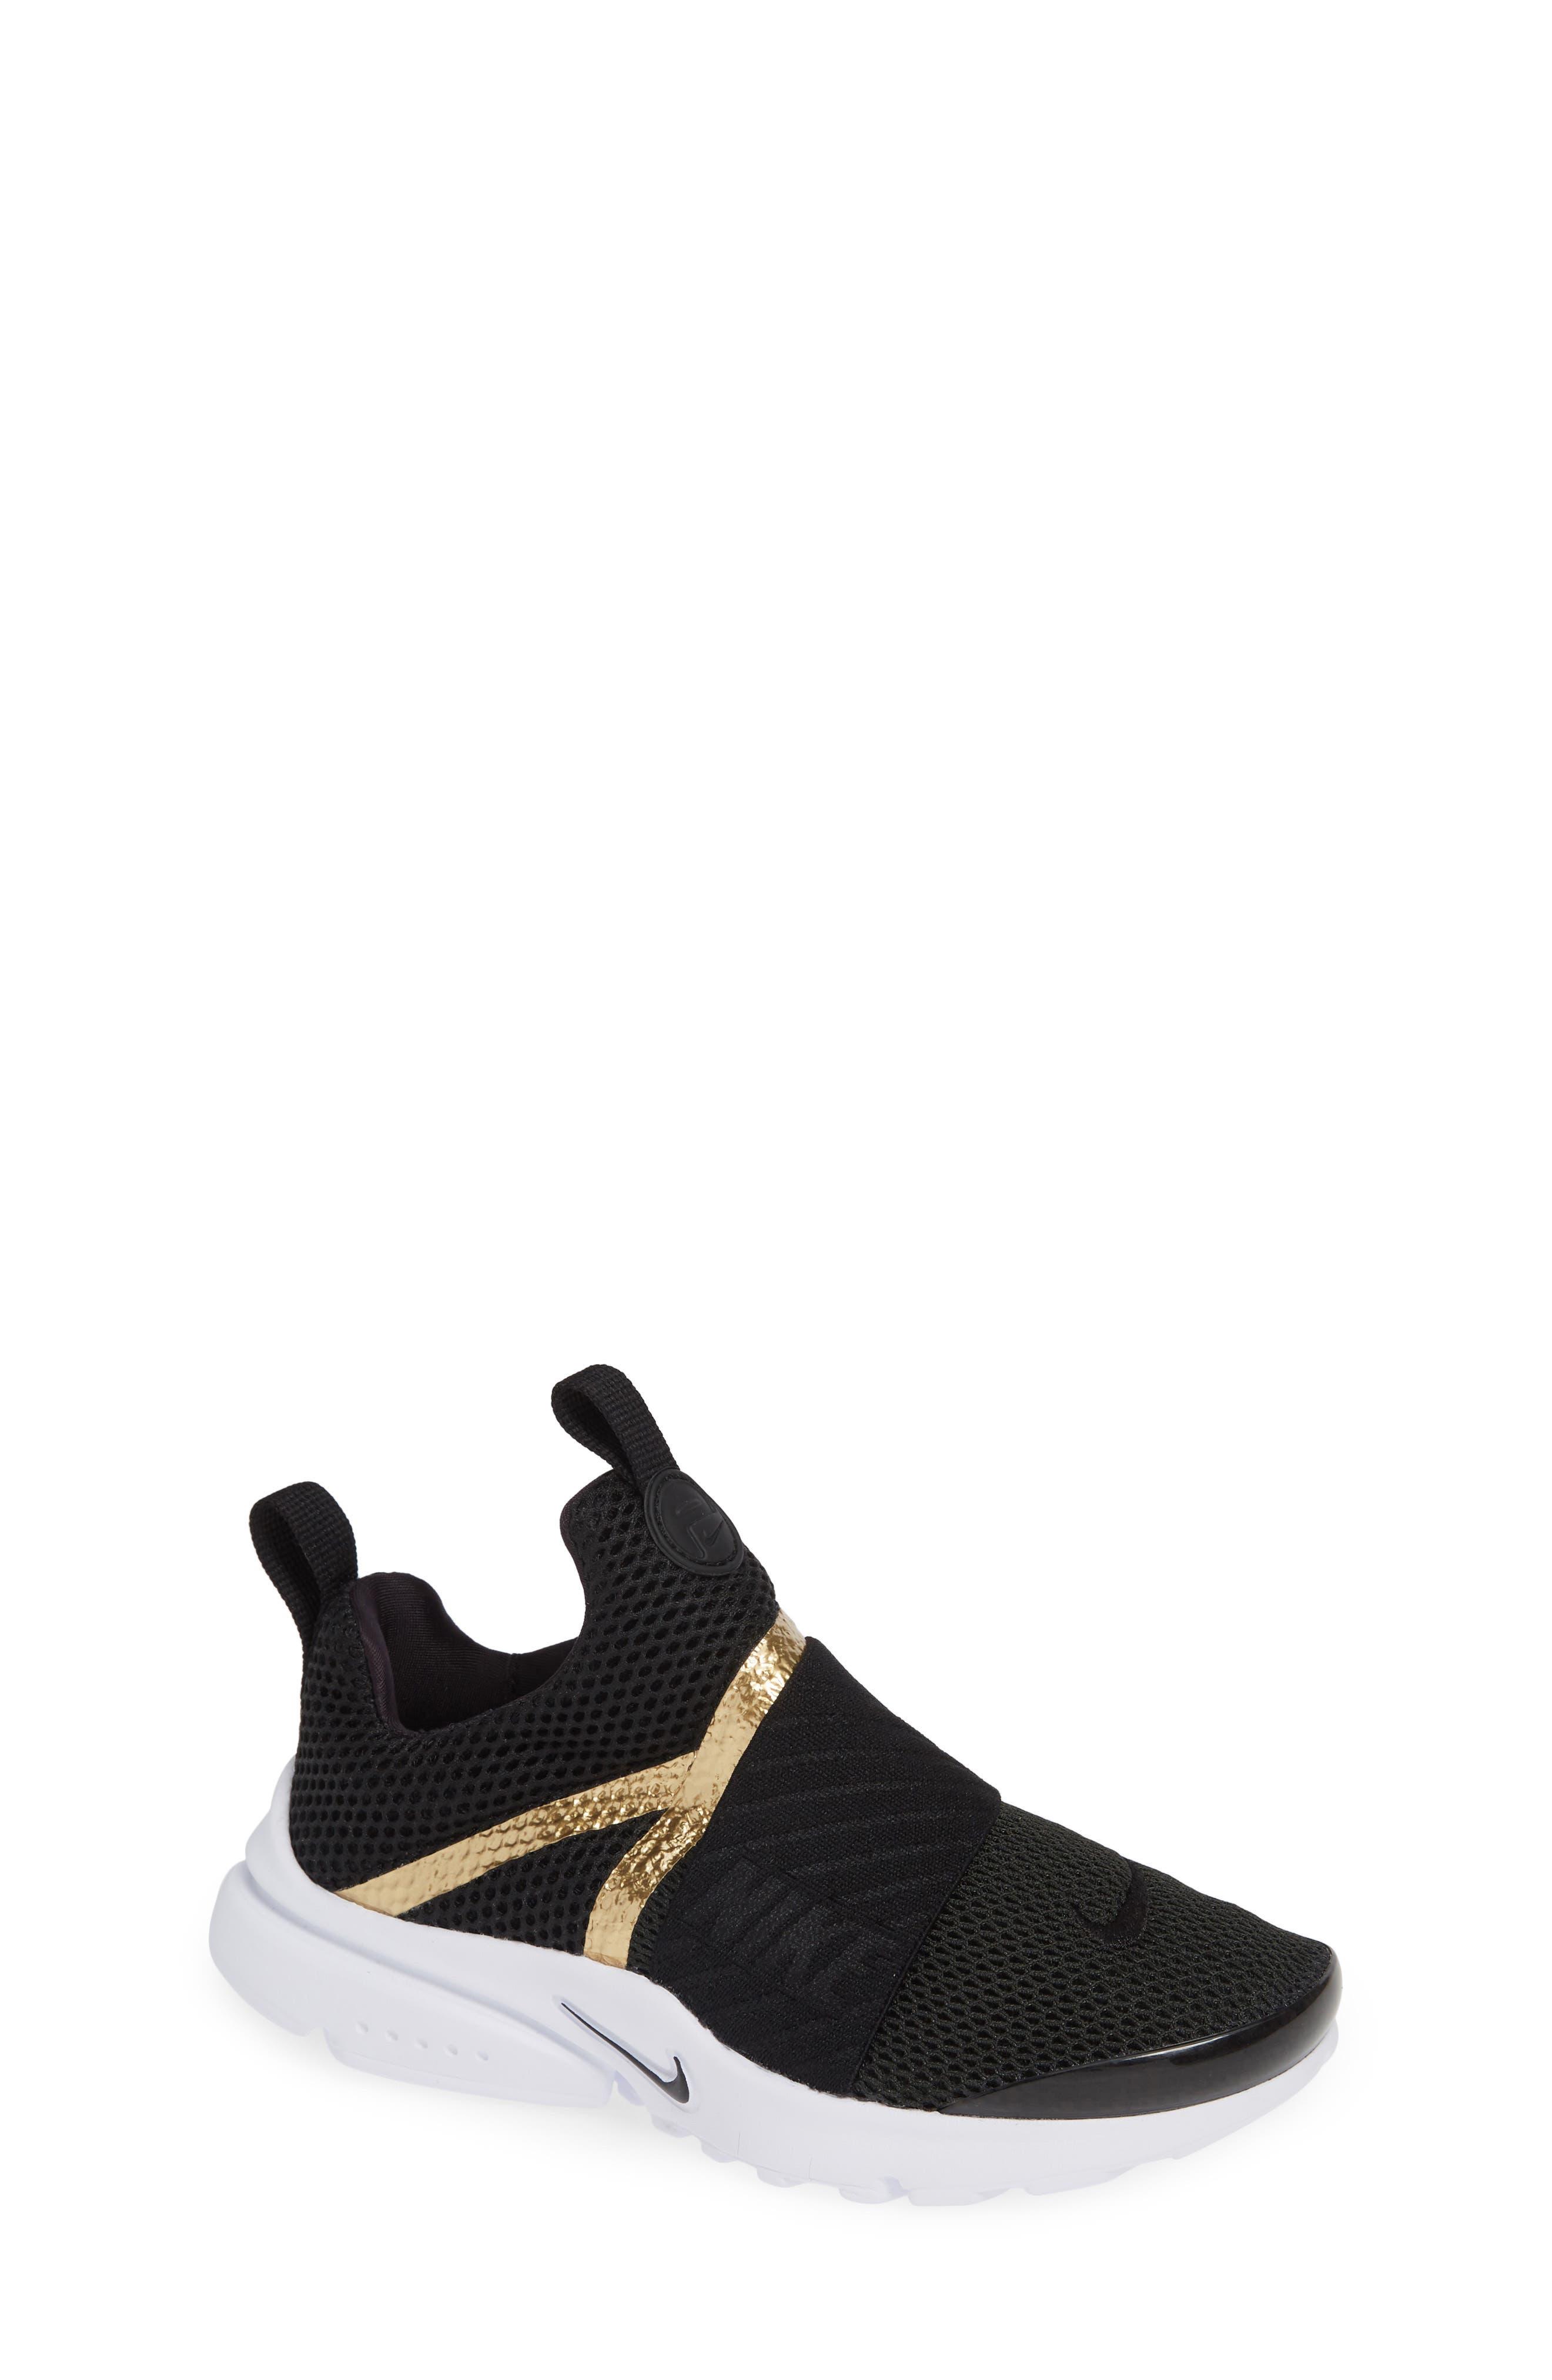 Presto Extreme Sneaker,                             Main thumbnail 1, color,                             Black/ Metallic Gold/ White